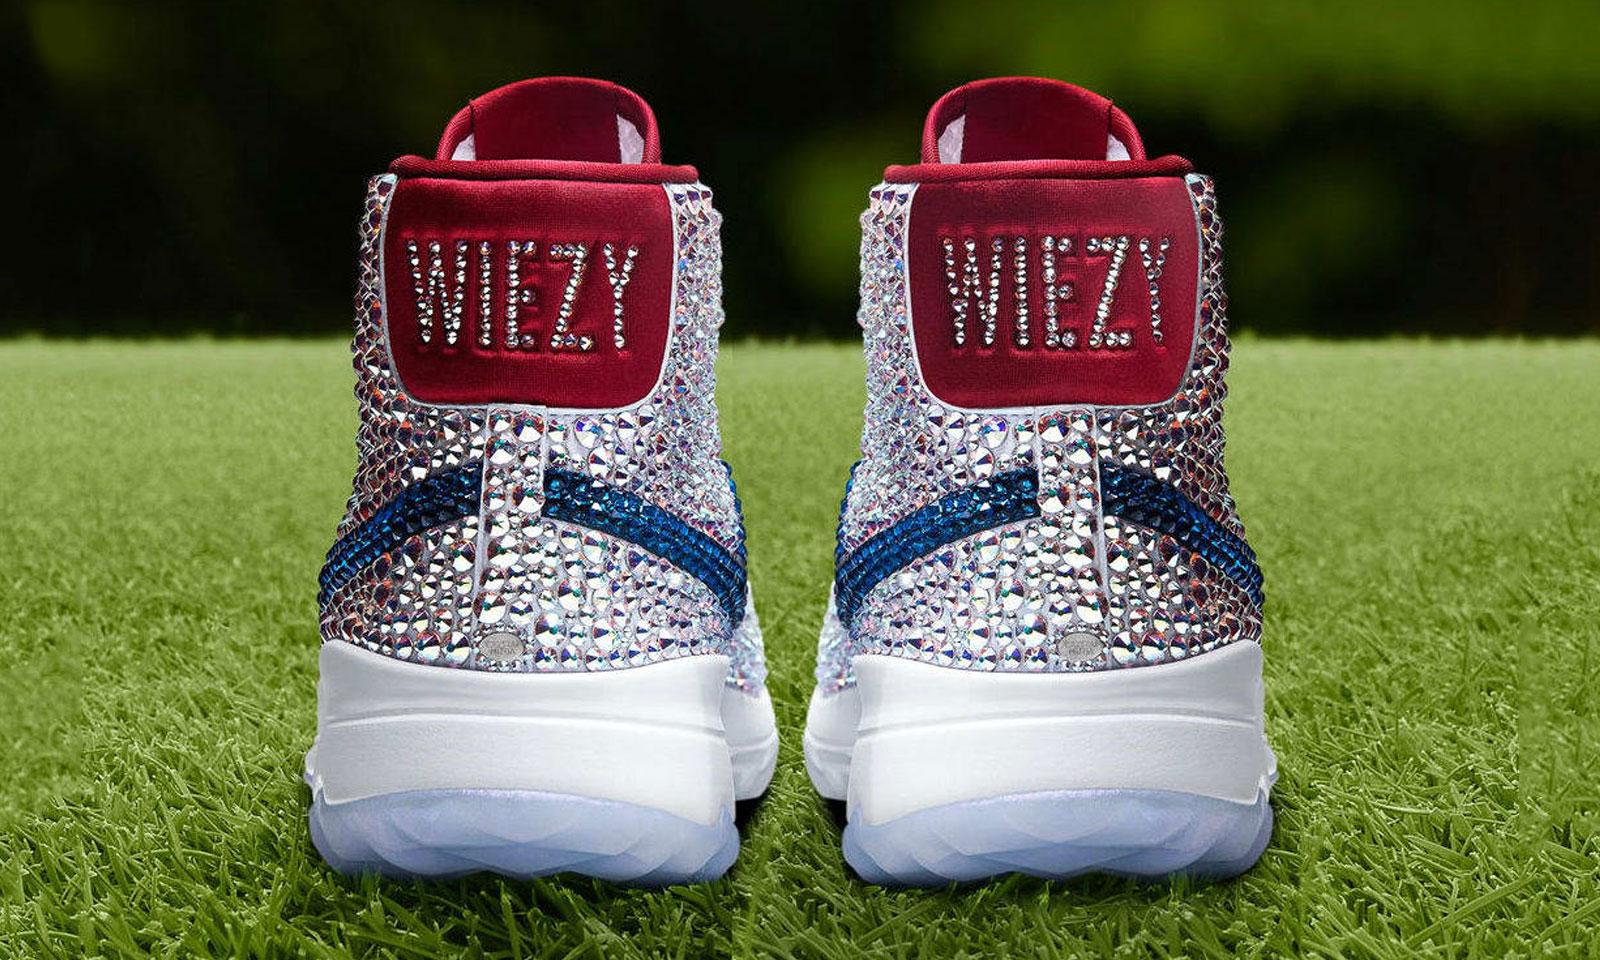 The Swarovski x Nike Blazer High Michelle Wie PE